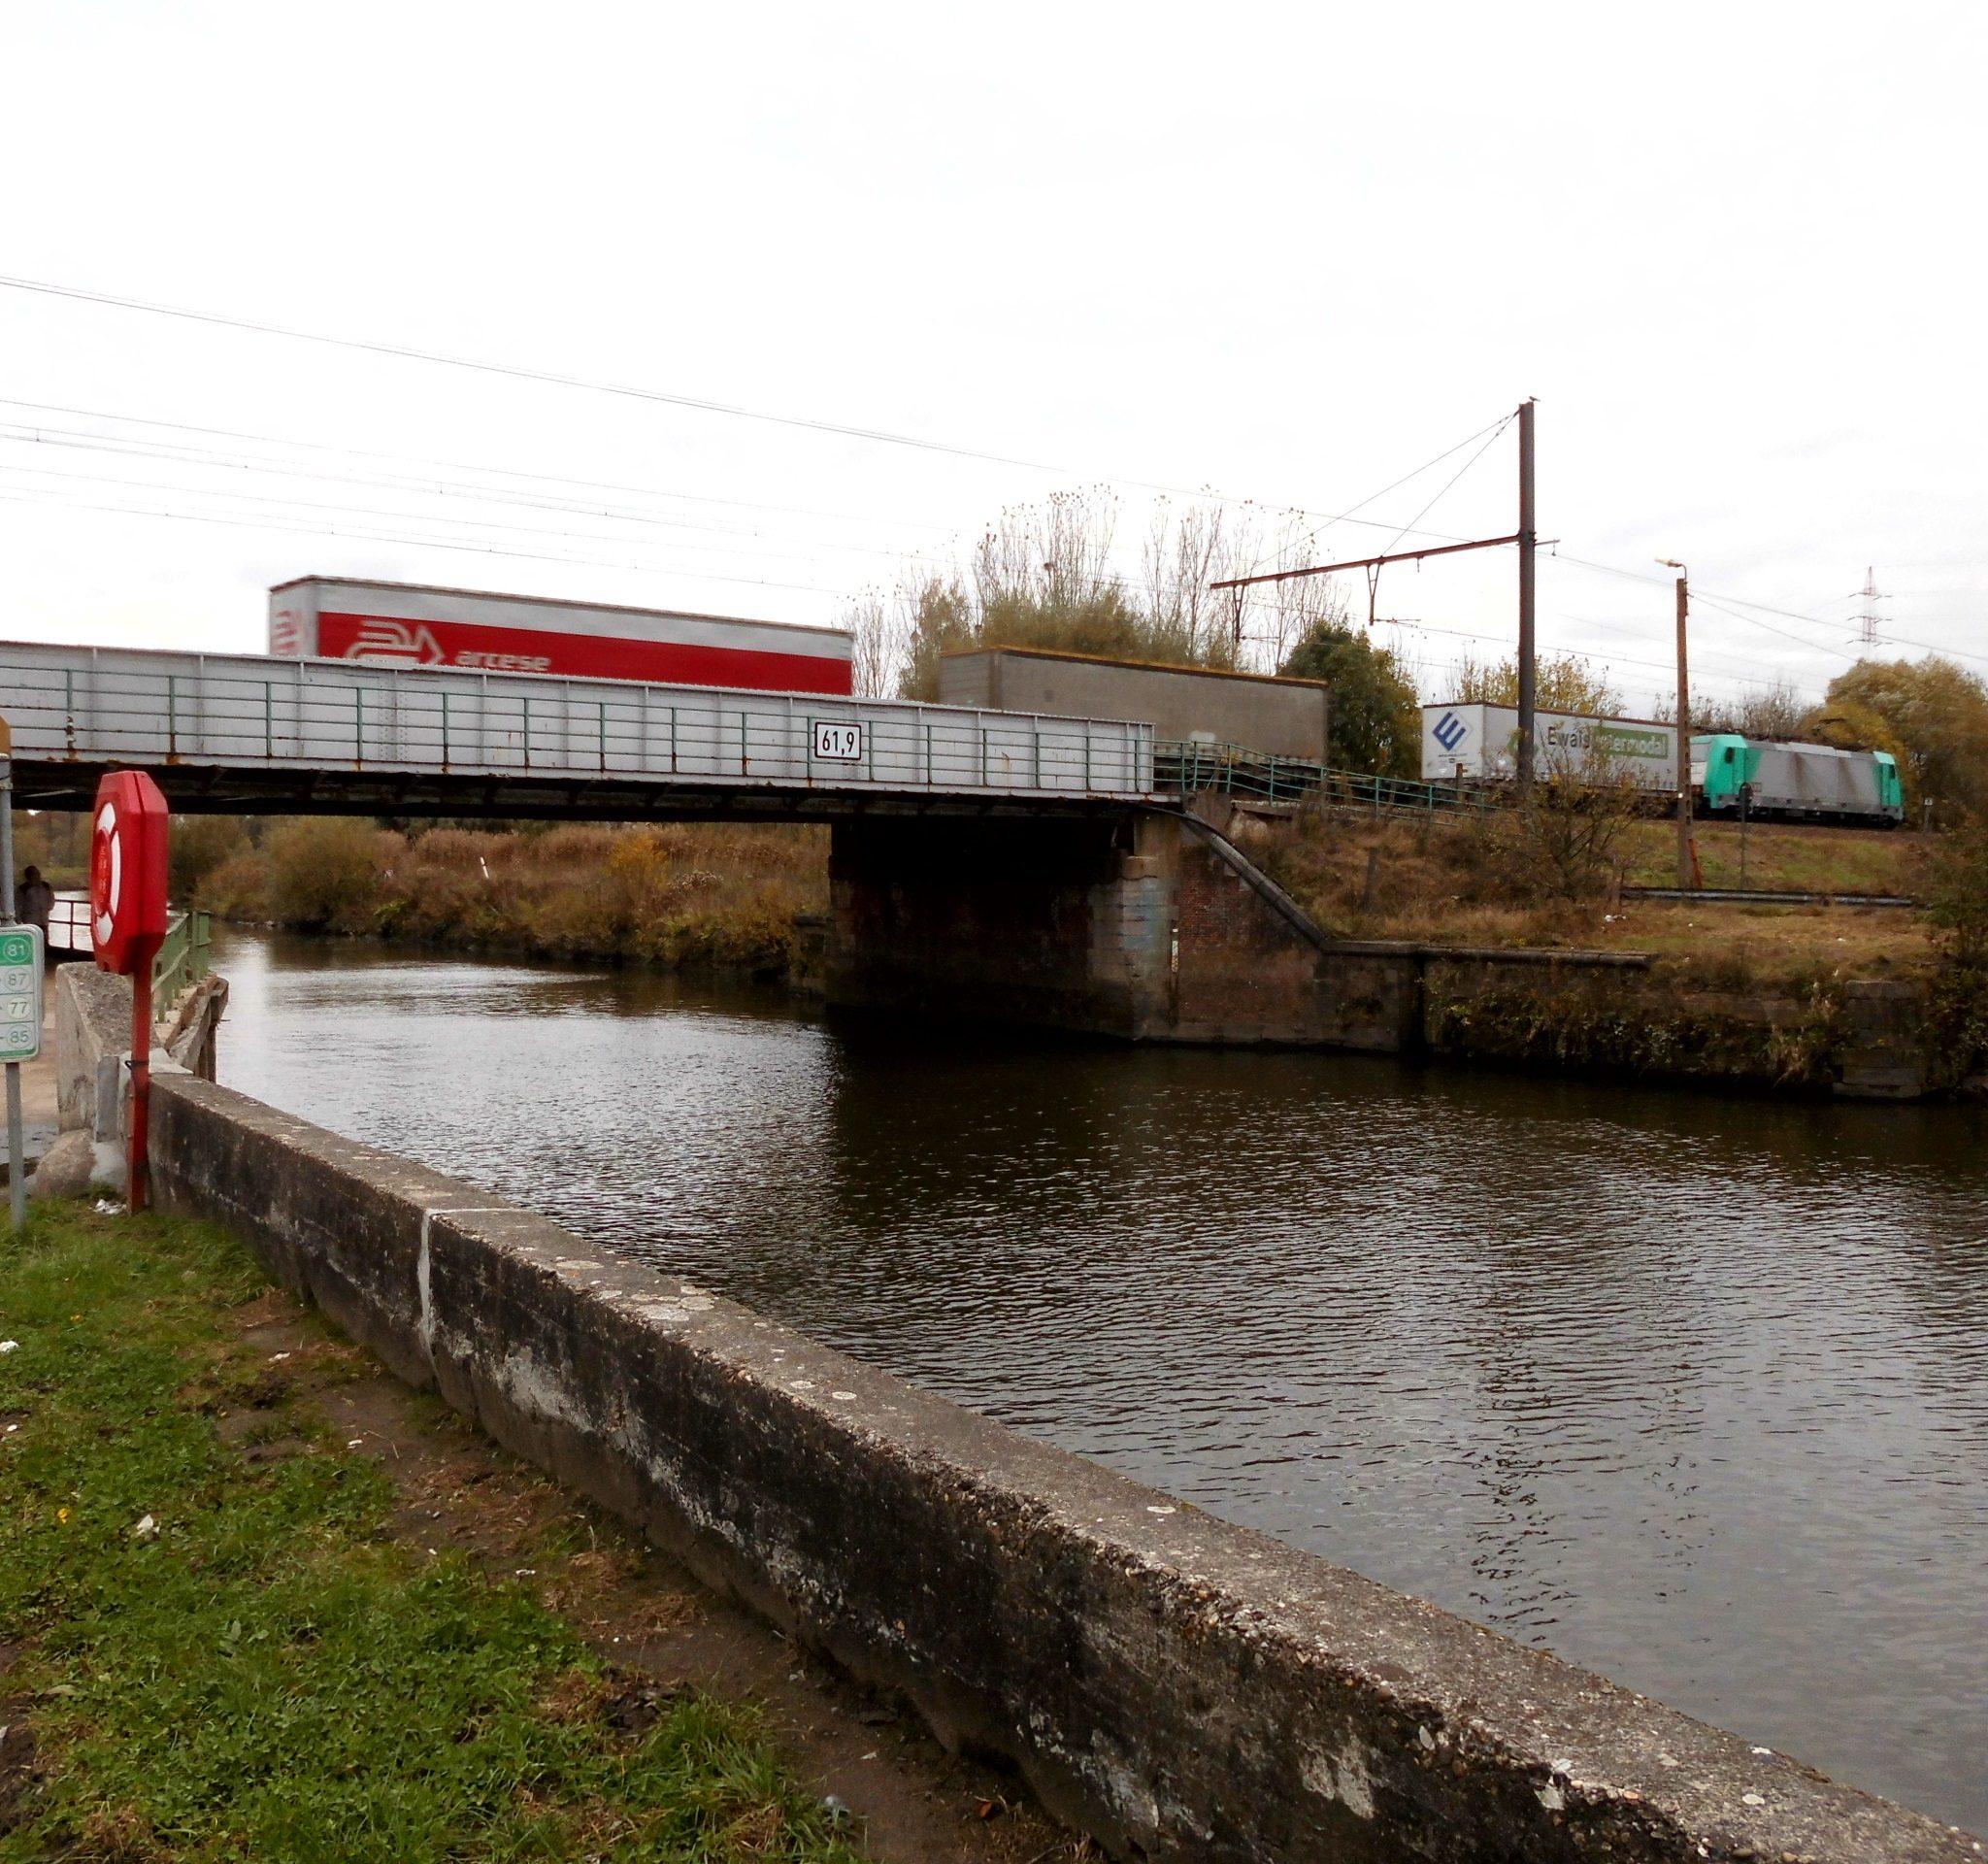 De spoorwegbrug over de Dender, bij Oudegem. (Foto Wikimedia)